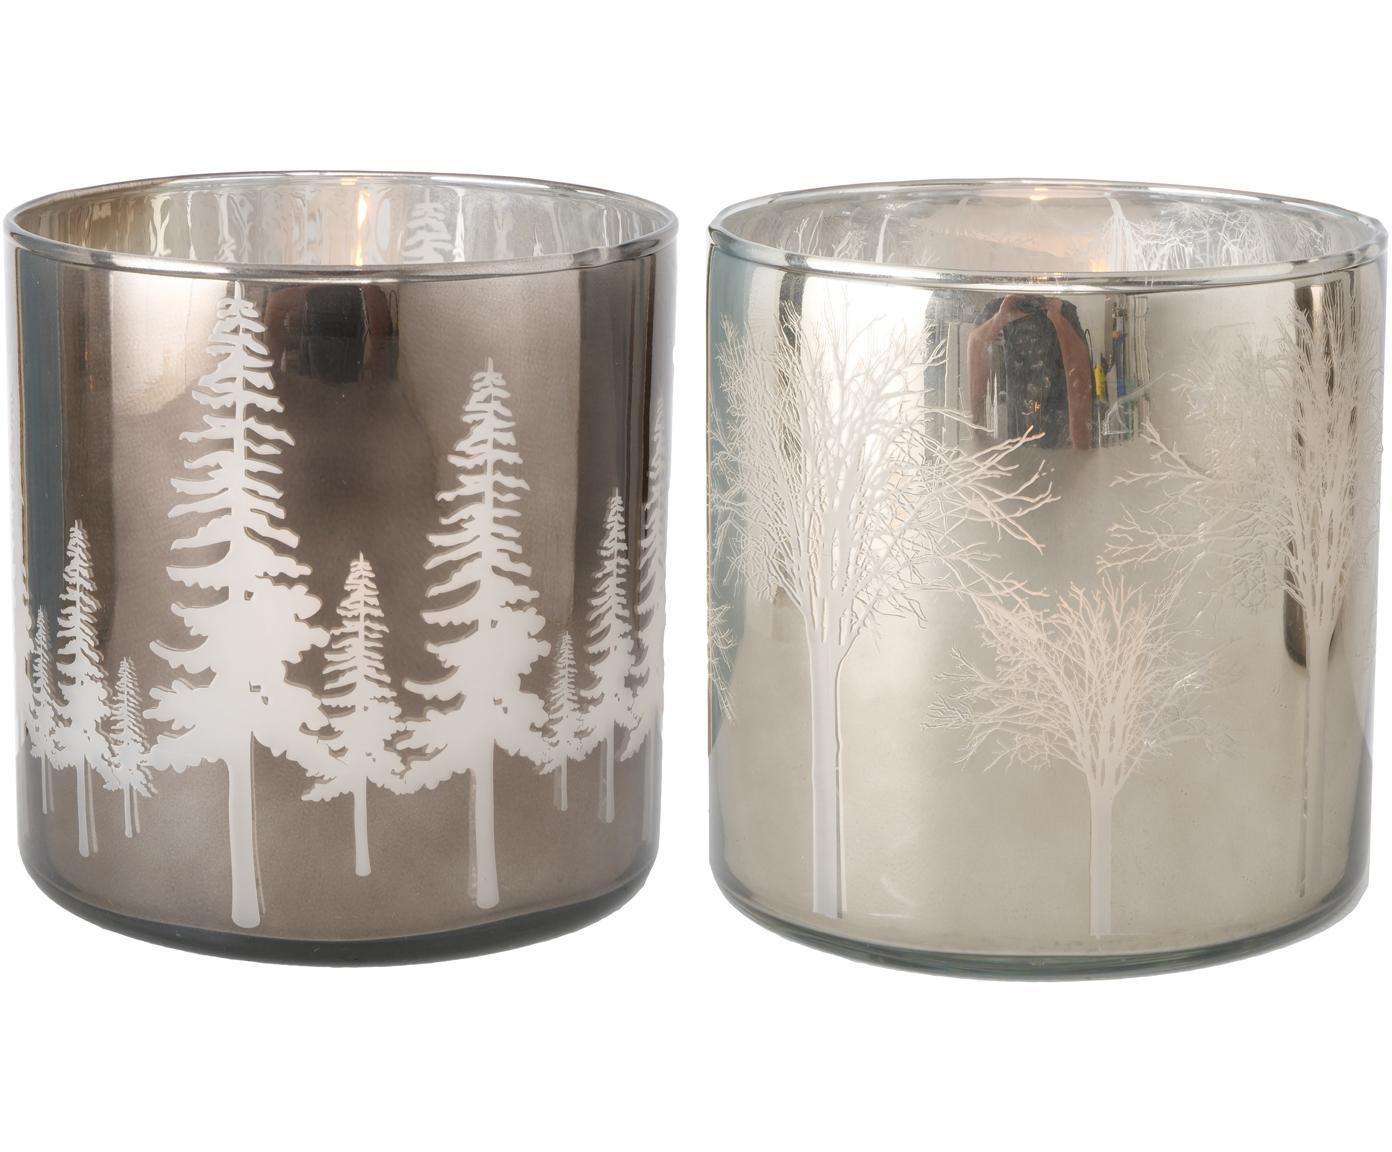 Windlichter-Set Skove, 2-tlg., Glas, lackiert, Silberfarben, Grau, glänzend, Ø 15 x H 15 cm